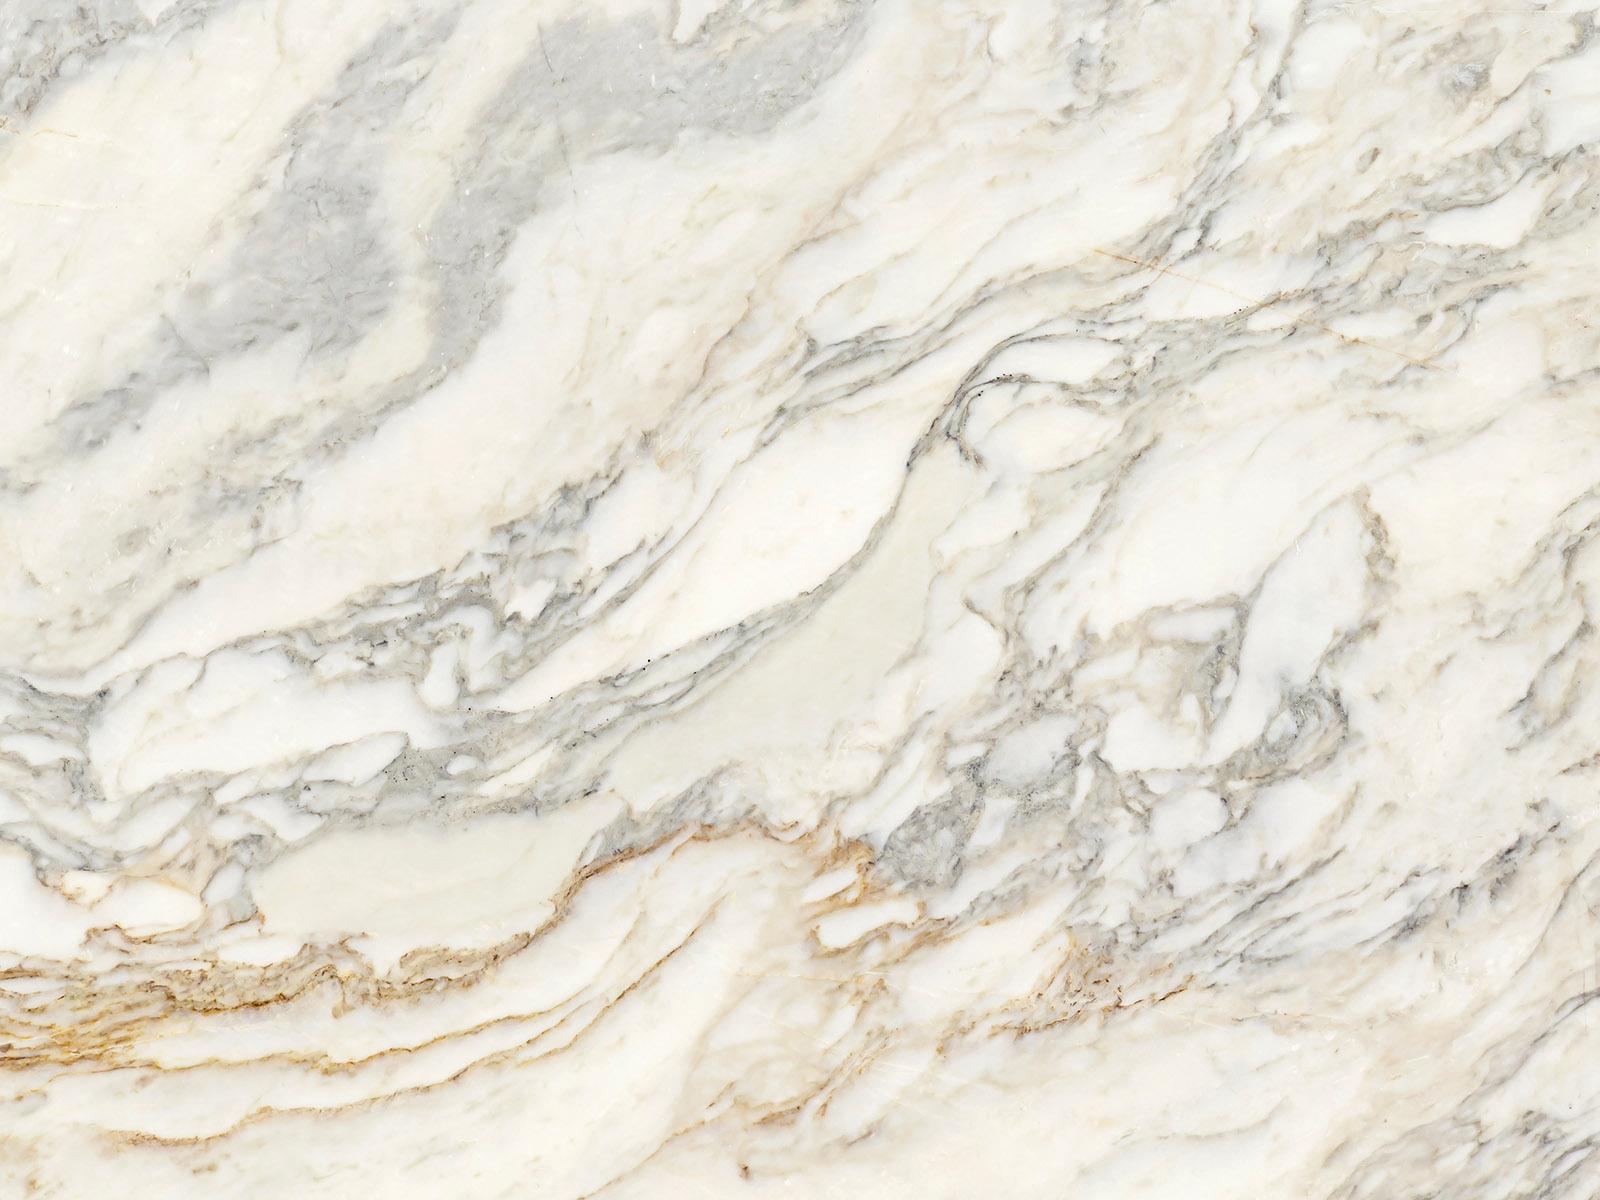 View of Marble - Calacatta Caldia Honed 3cm